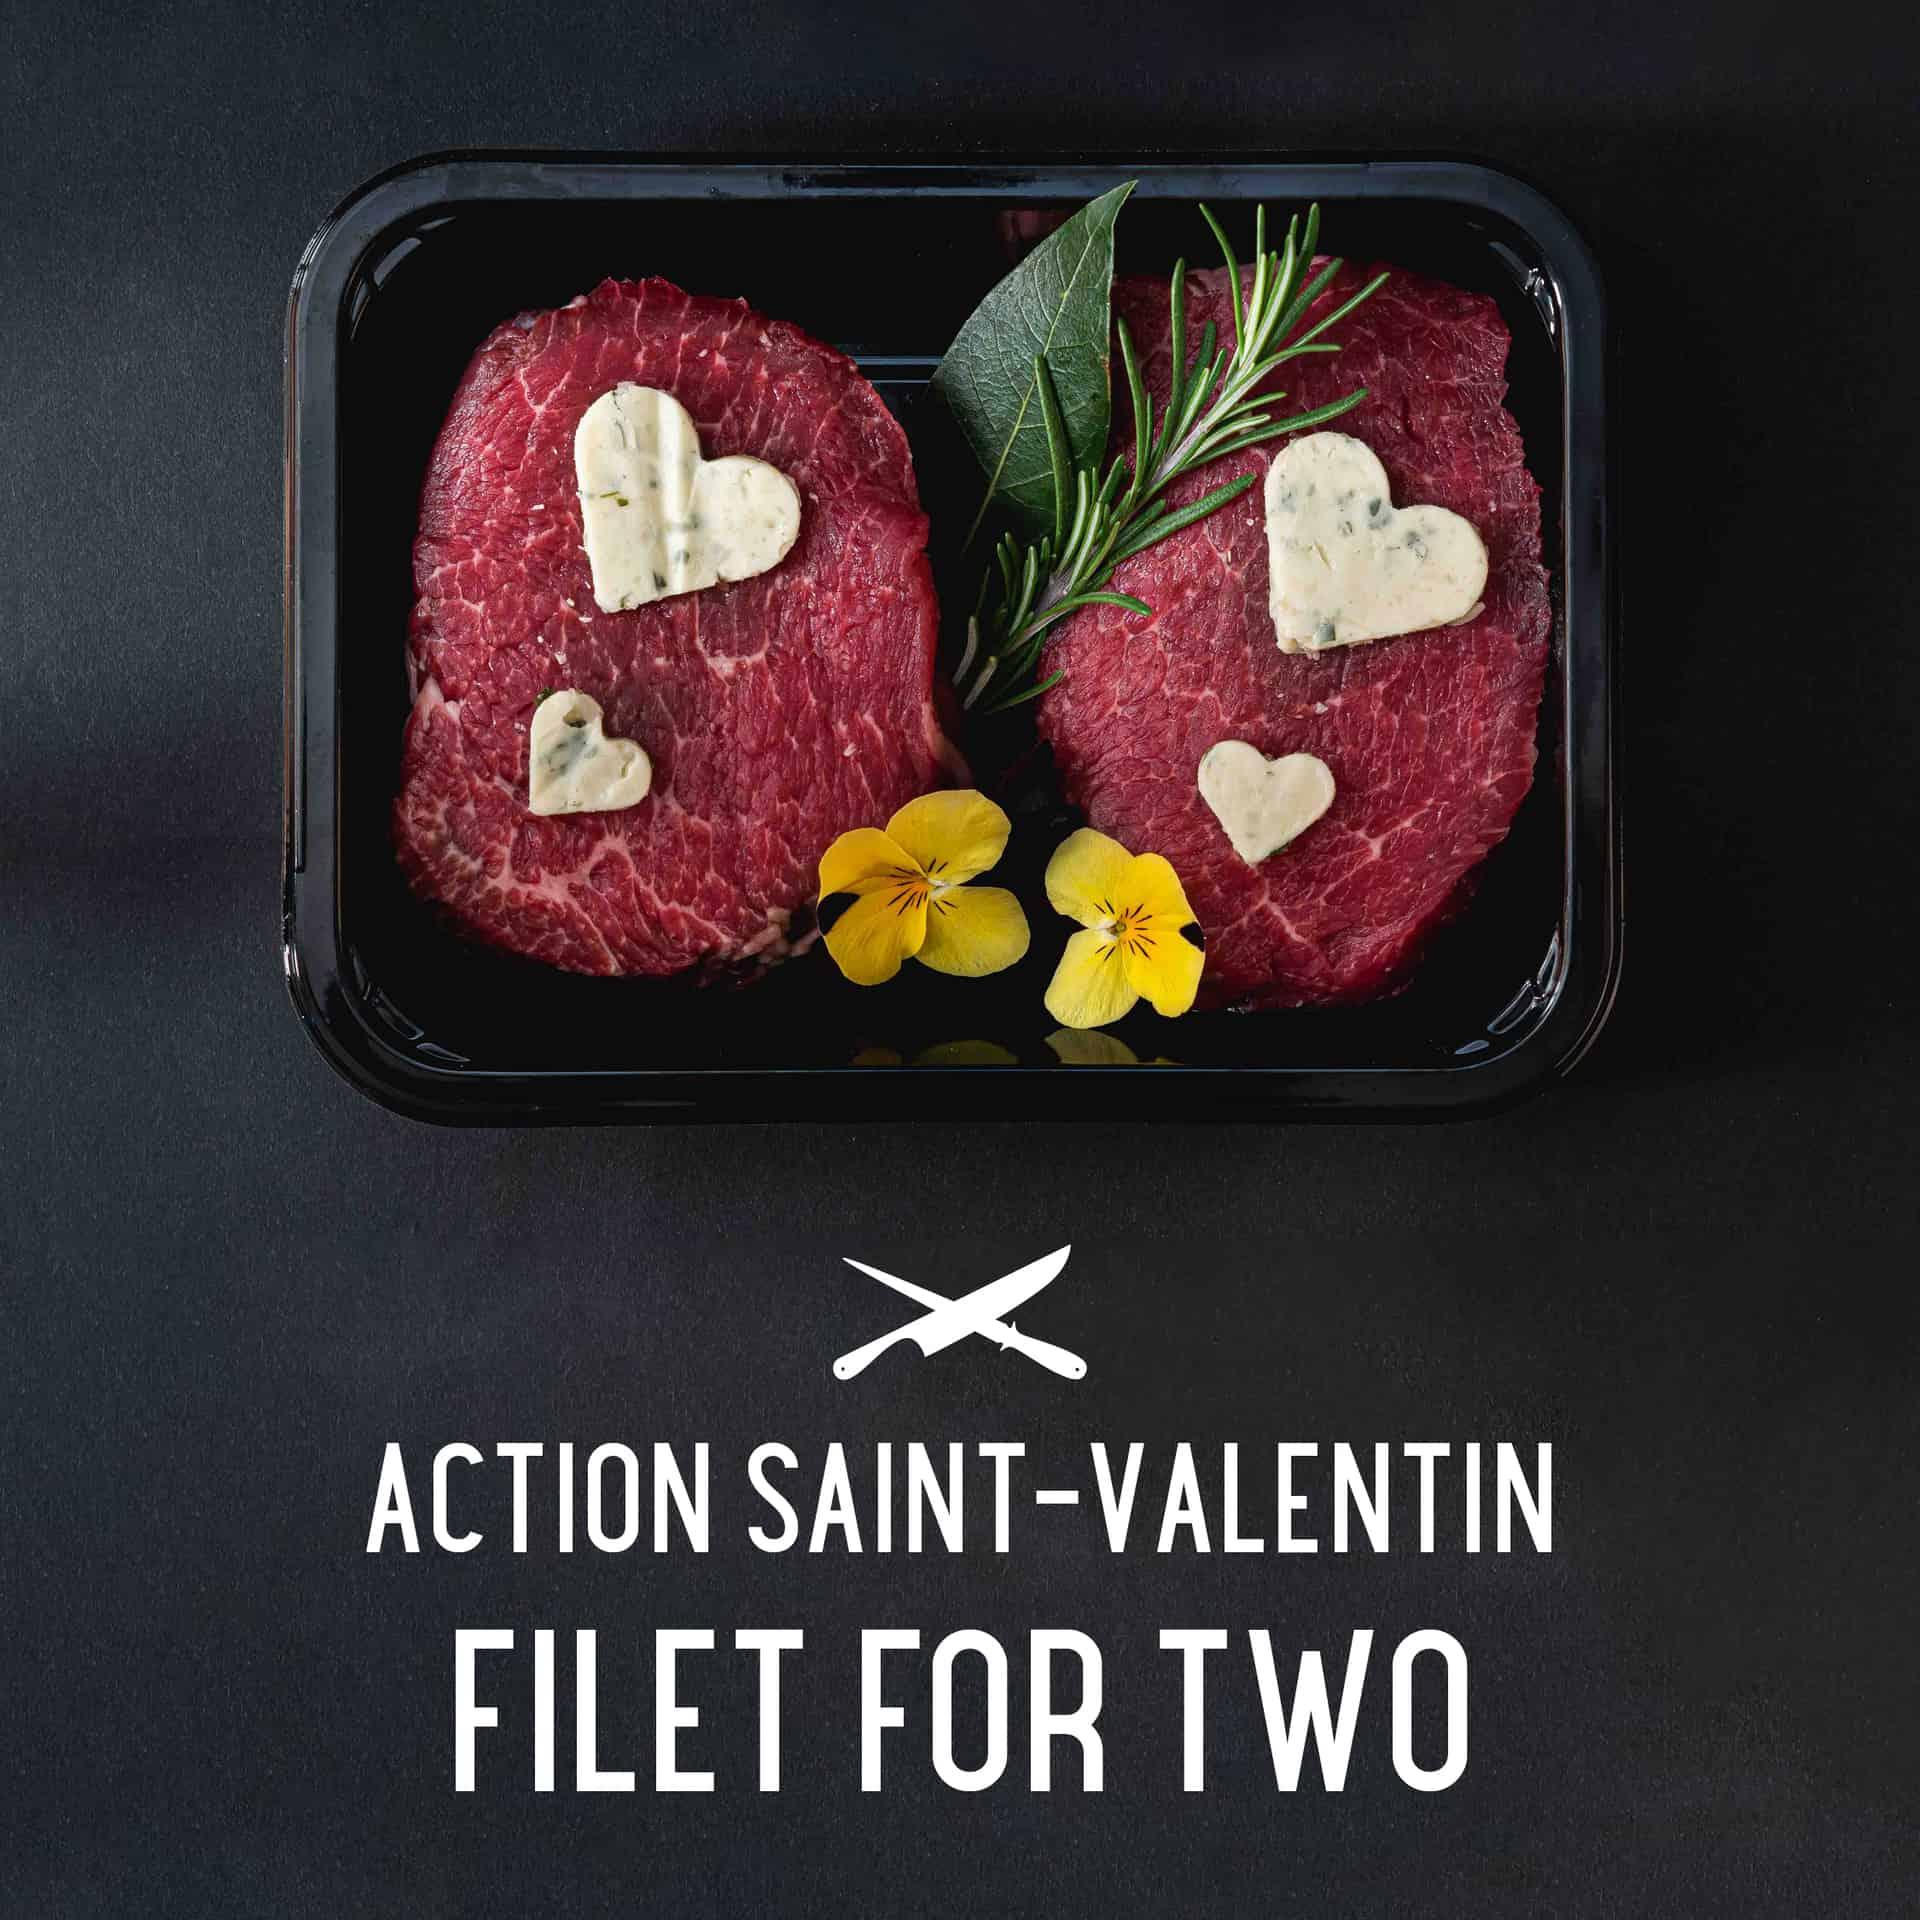 maison-steffen-filet-boeuf-saint-valentin-recette-beurre-maitre-d-hotel